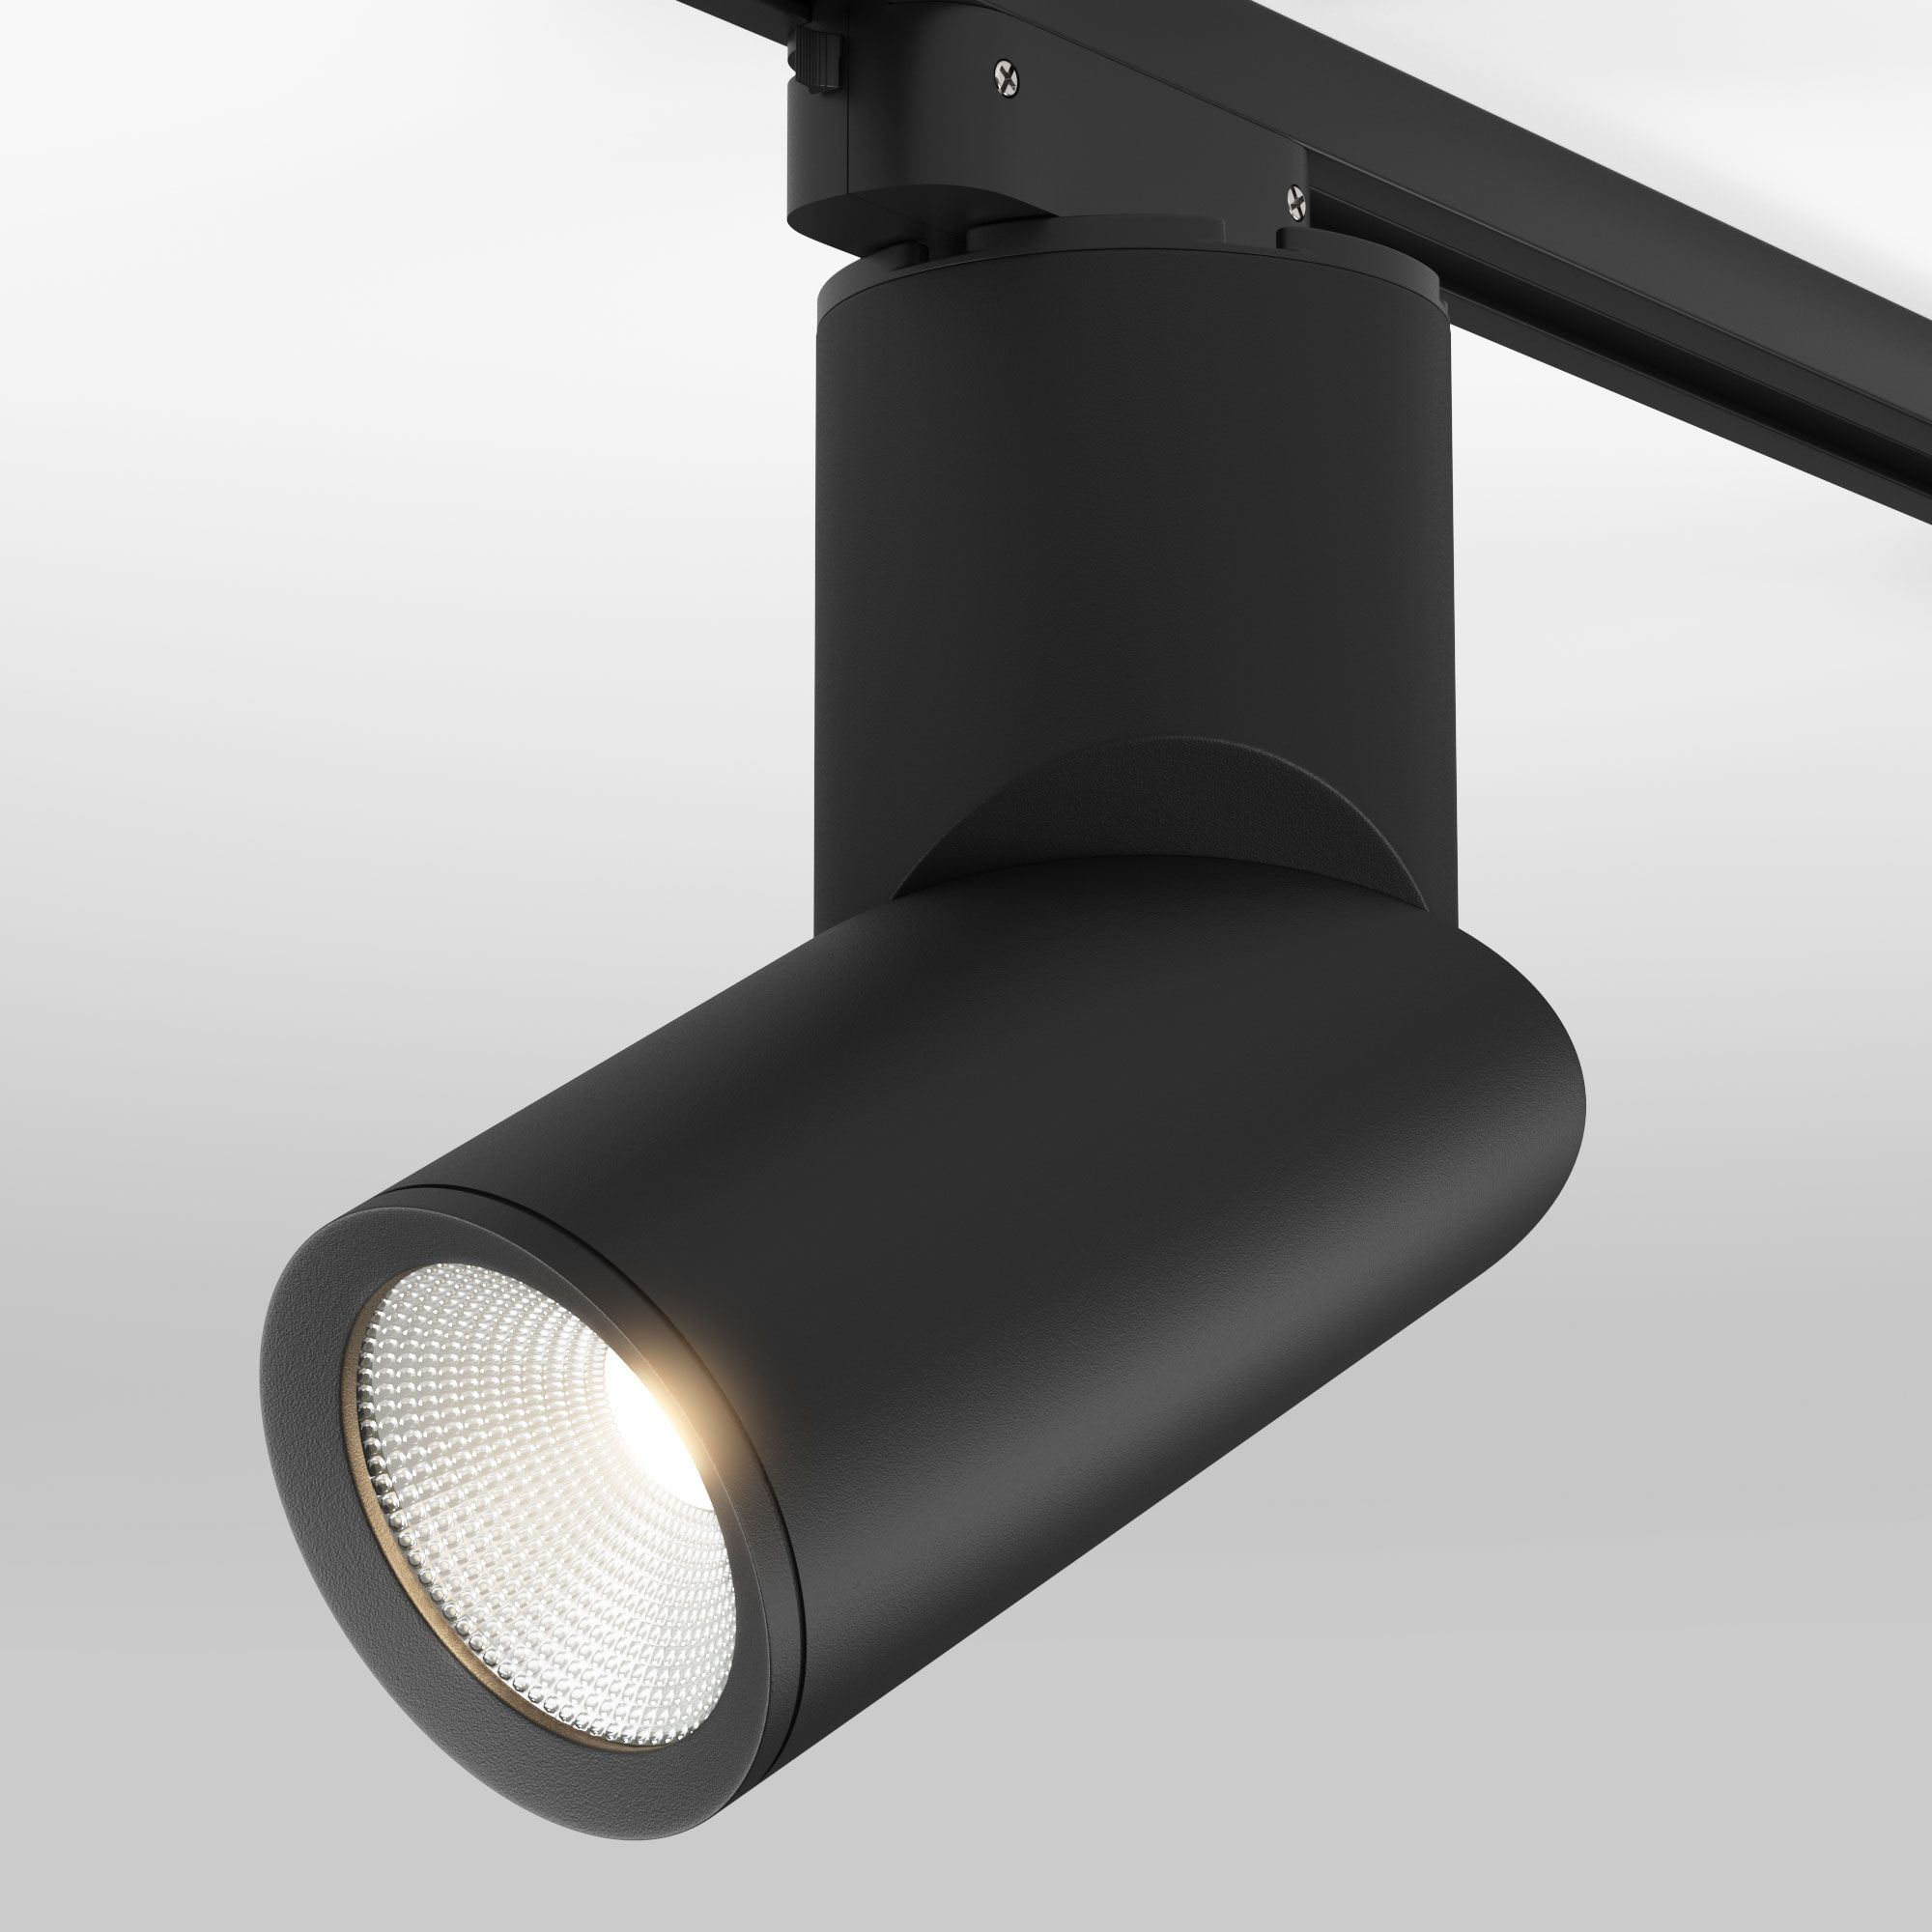 Трековый светильник для однофазного шинопровода Corner черный 15W 4200K (1 шт.) LTB33